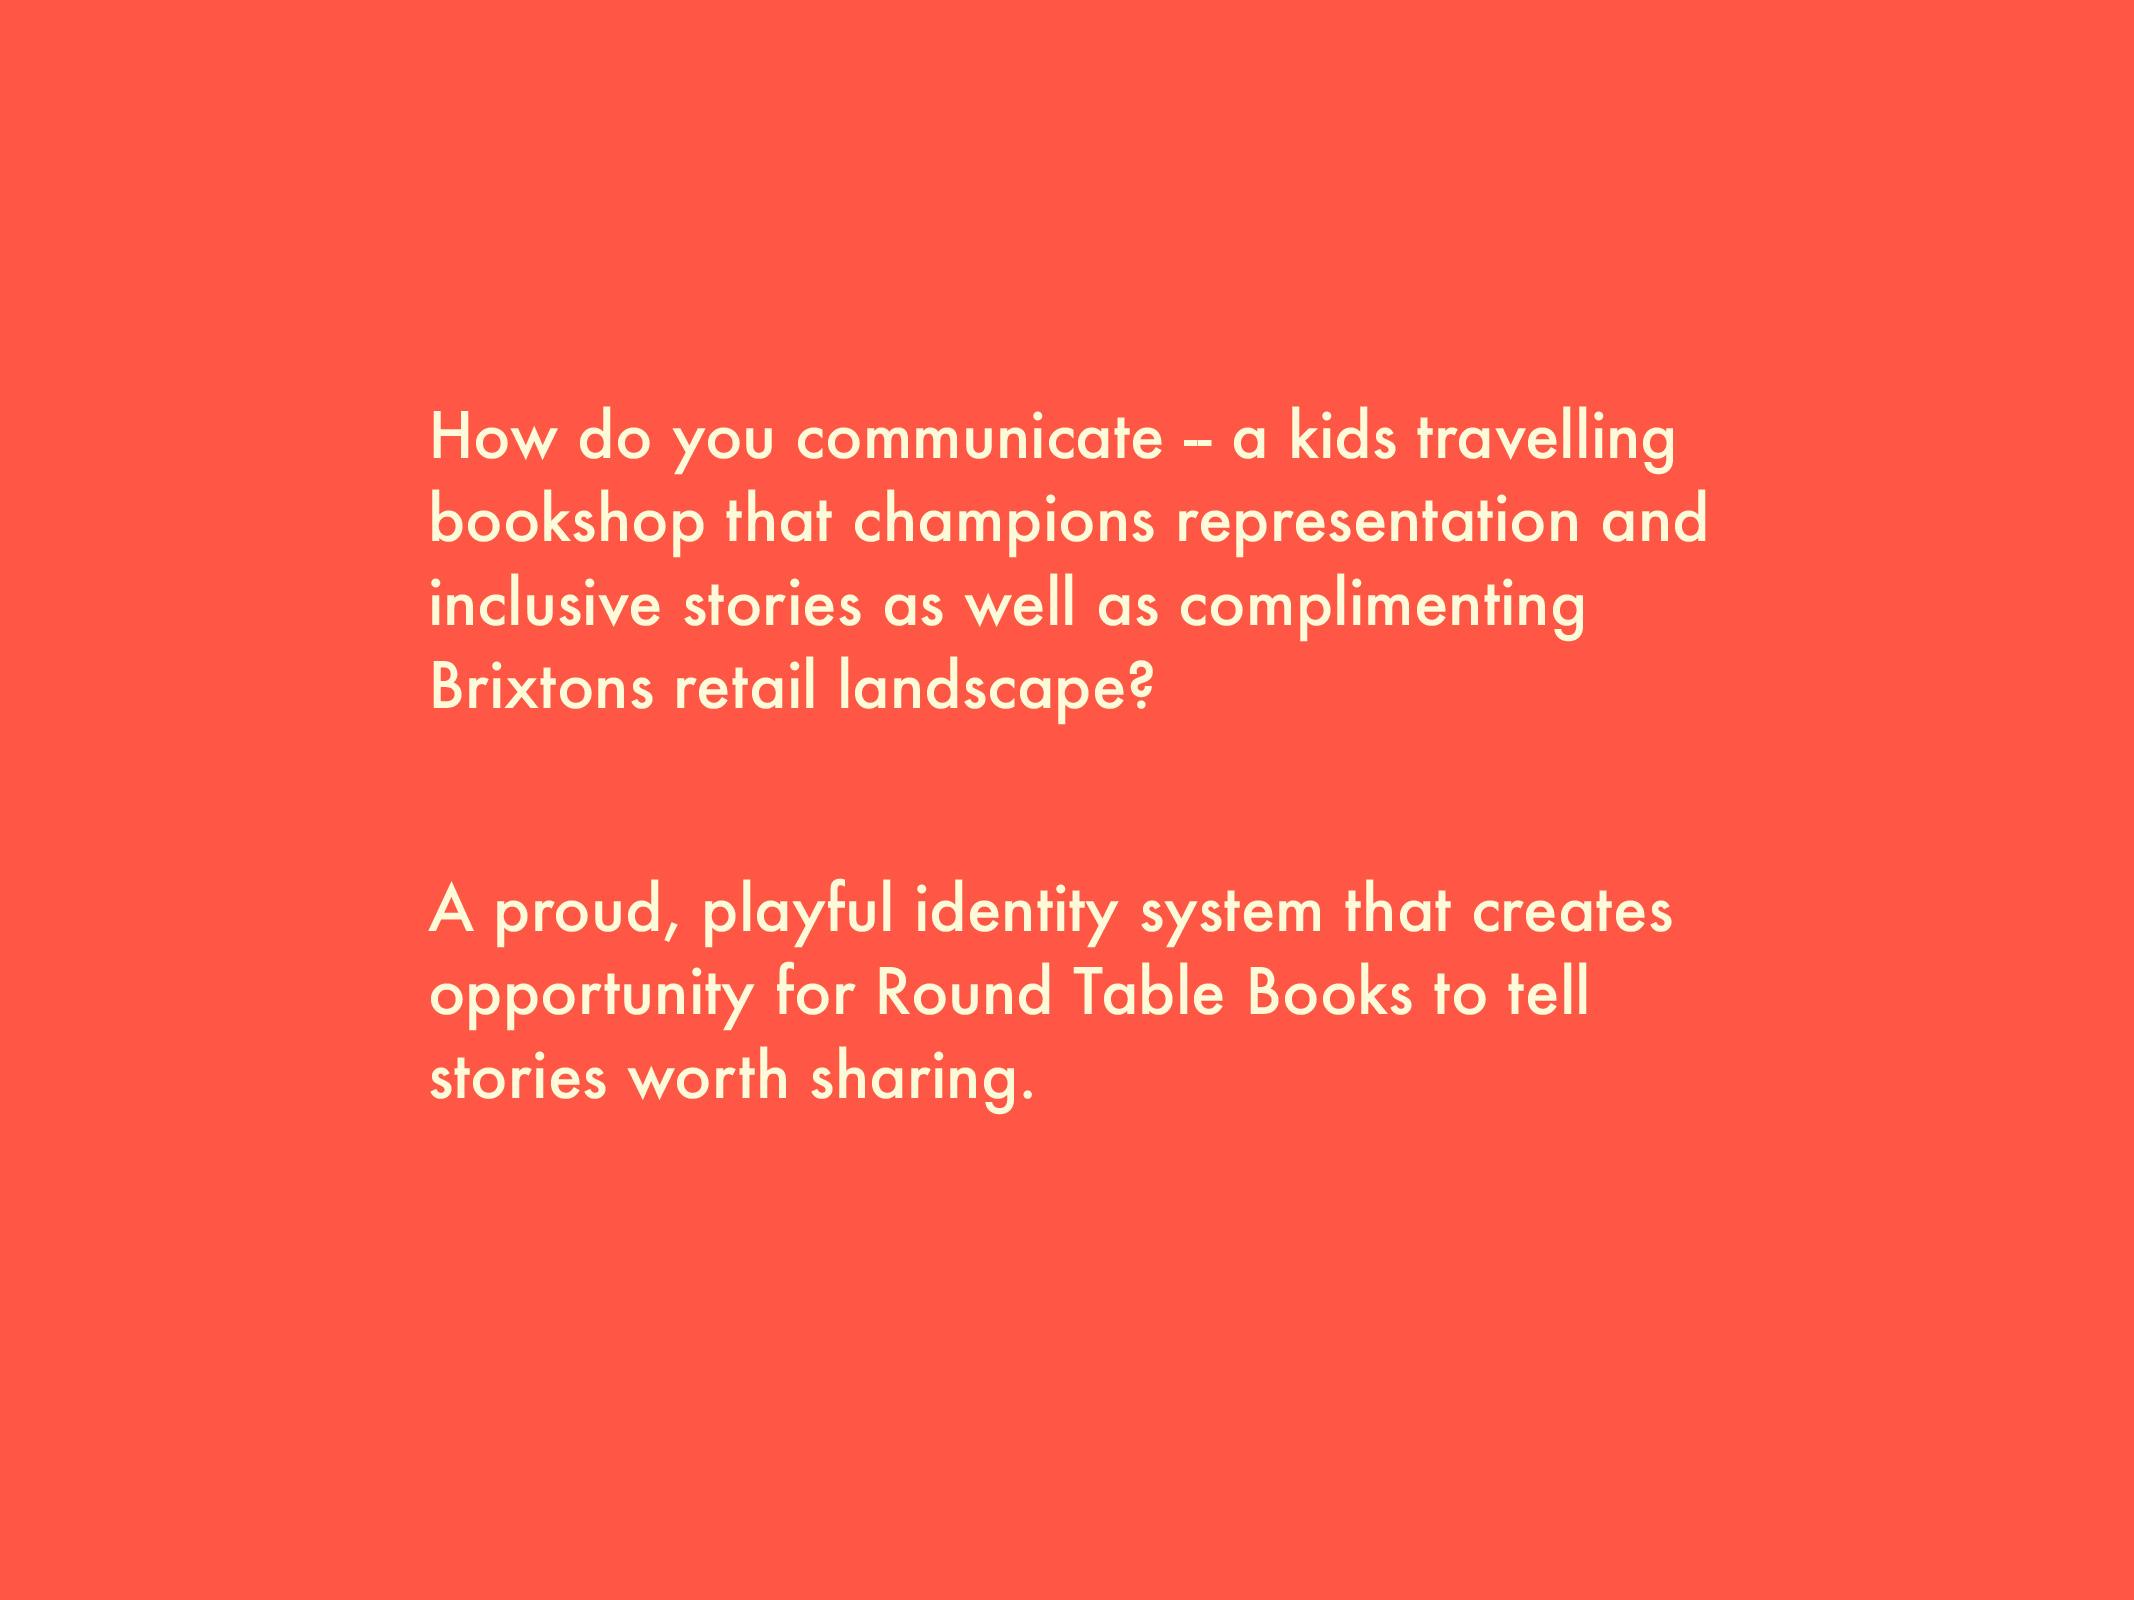 RoundTableBooks-Branding-Marssaie-Studio-03.jpg